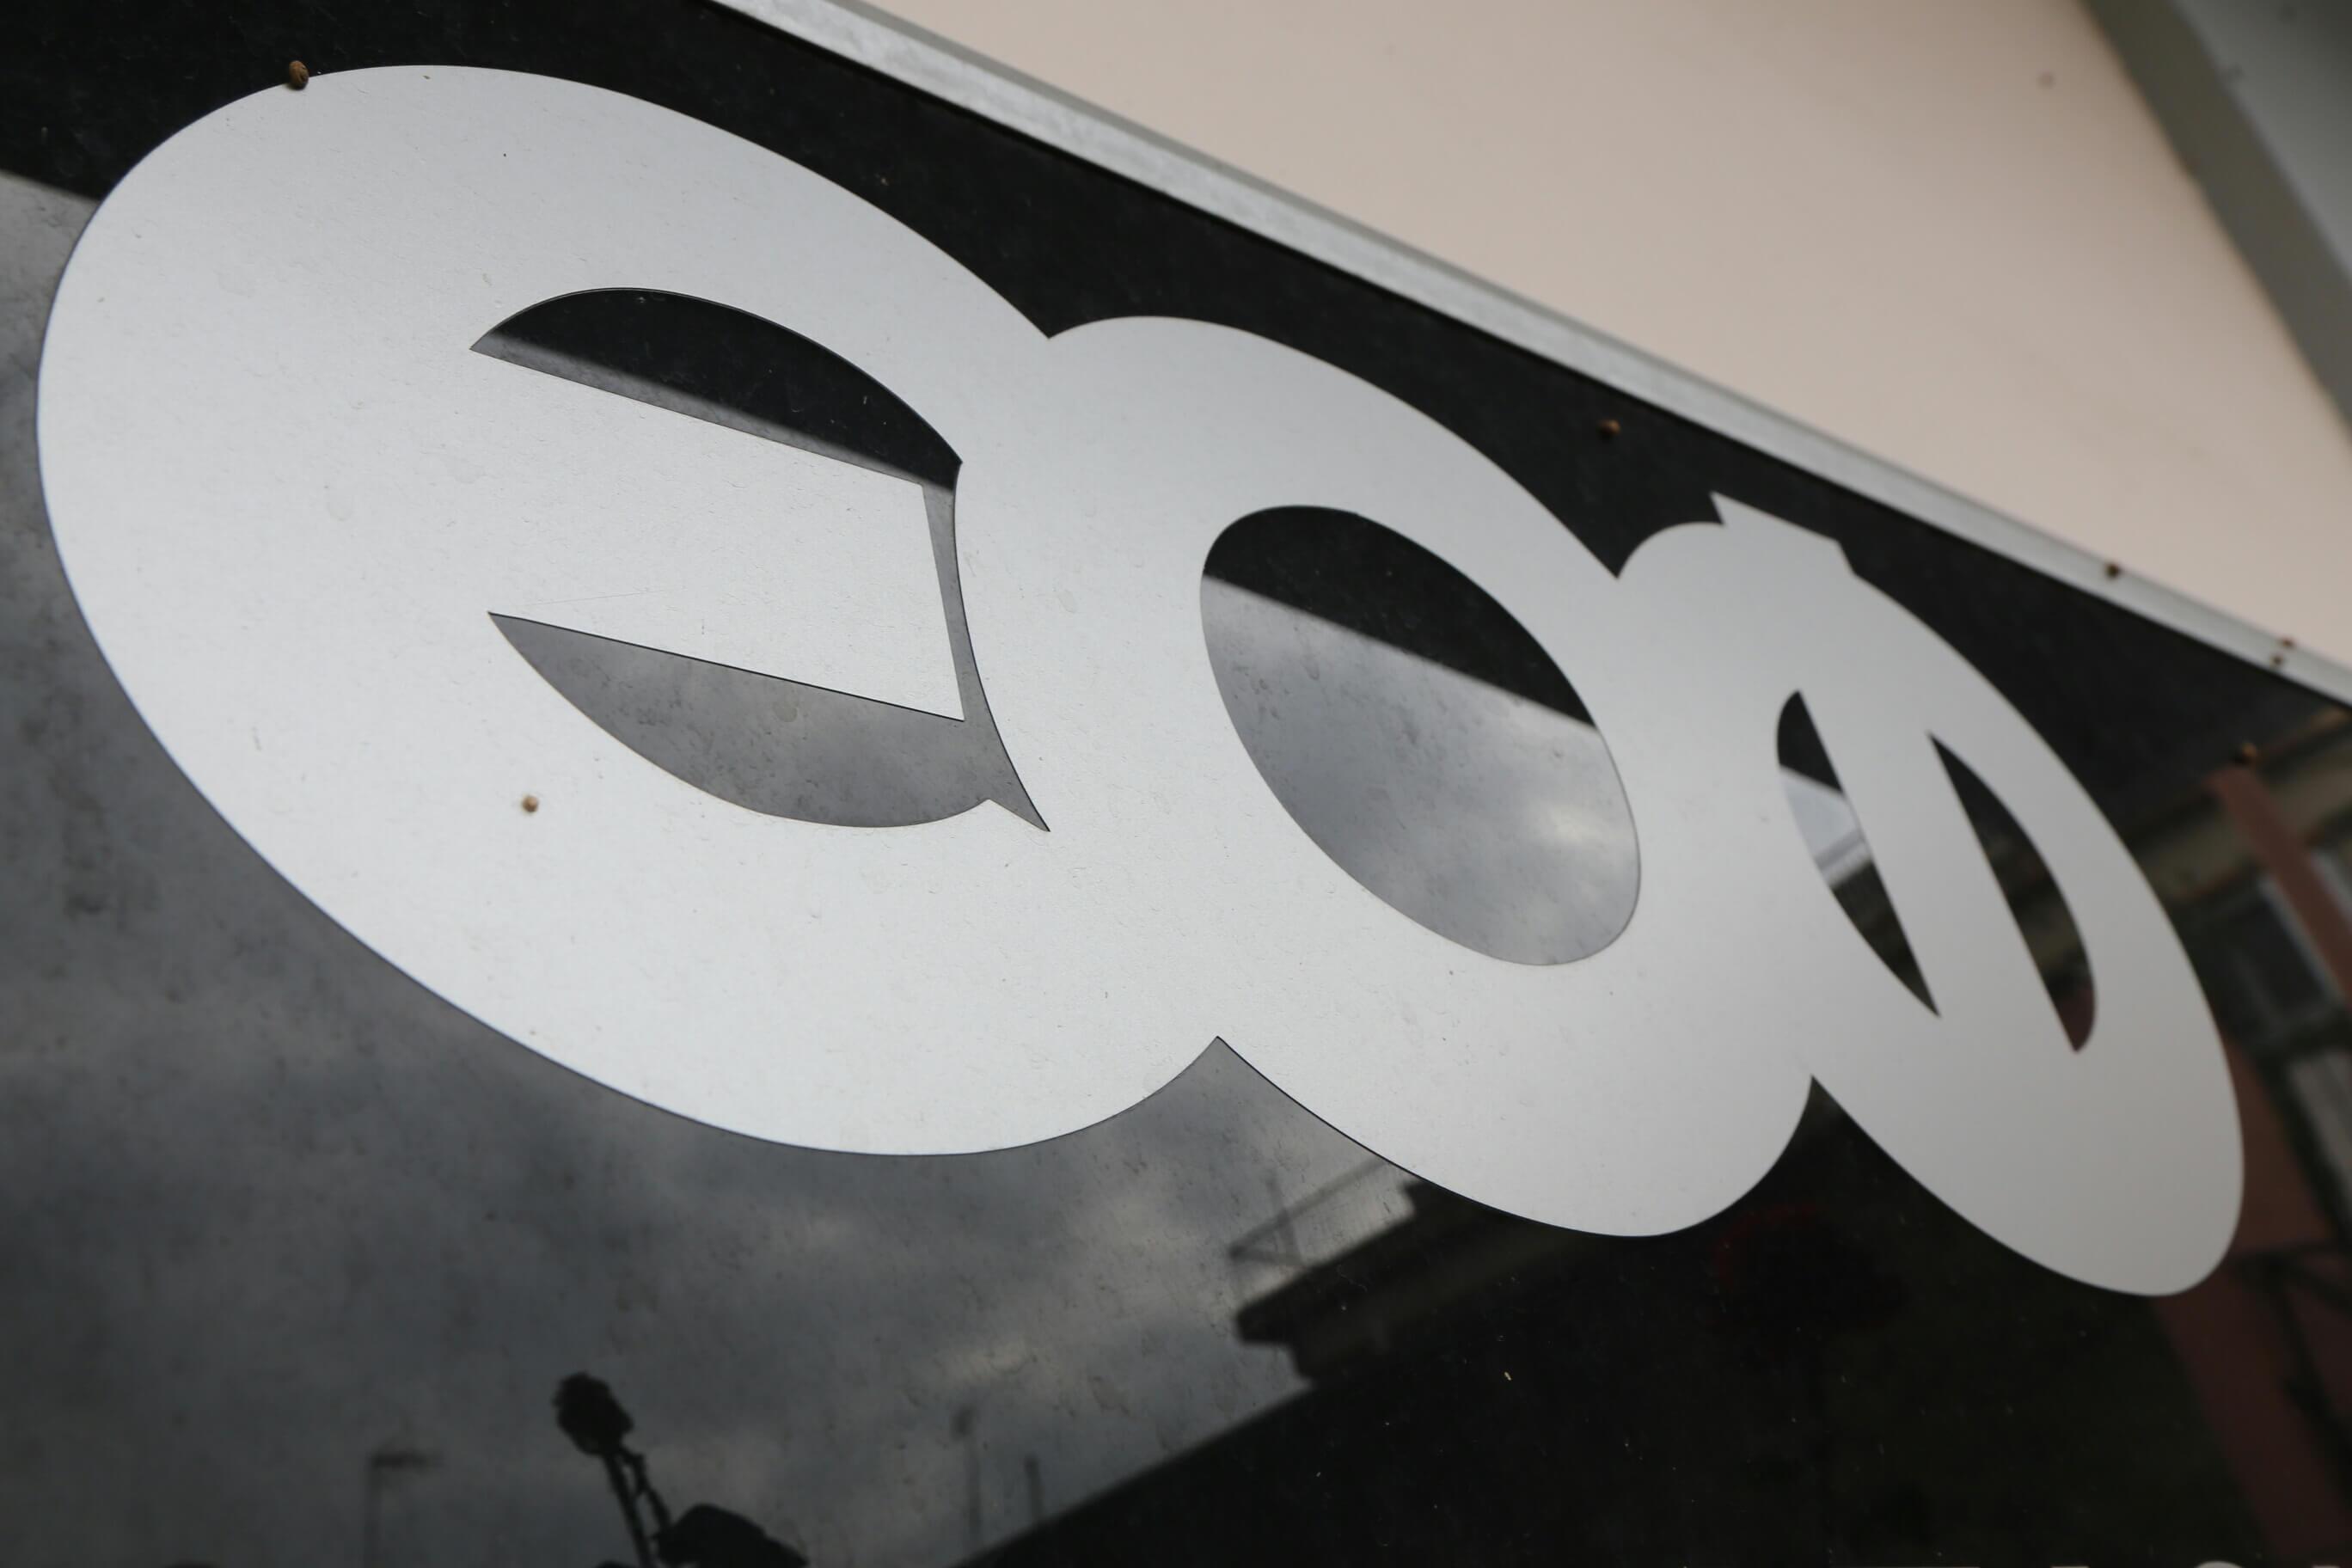 SOS από τον ΕΟΦ για συμπλήρωμα διατροφής για μείωση βάρους: Μην το καταναλώνετε!